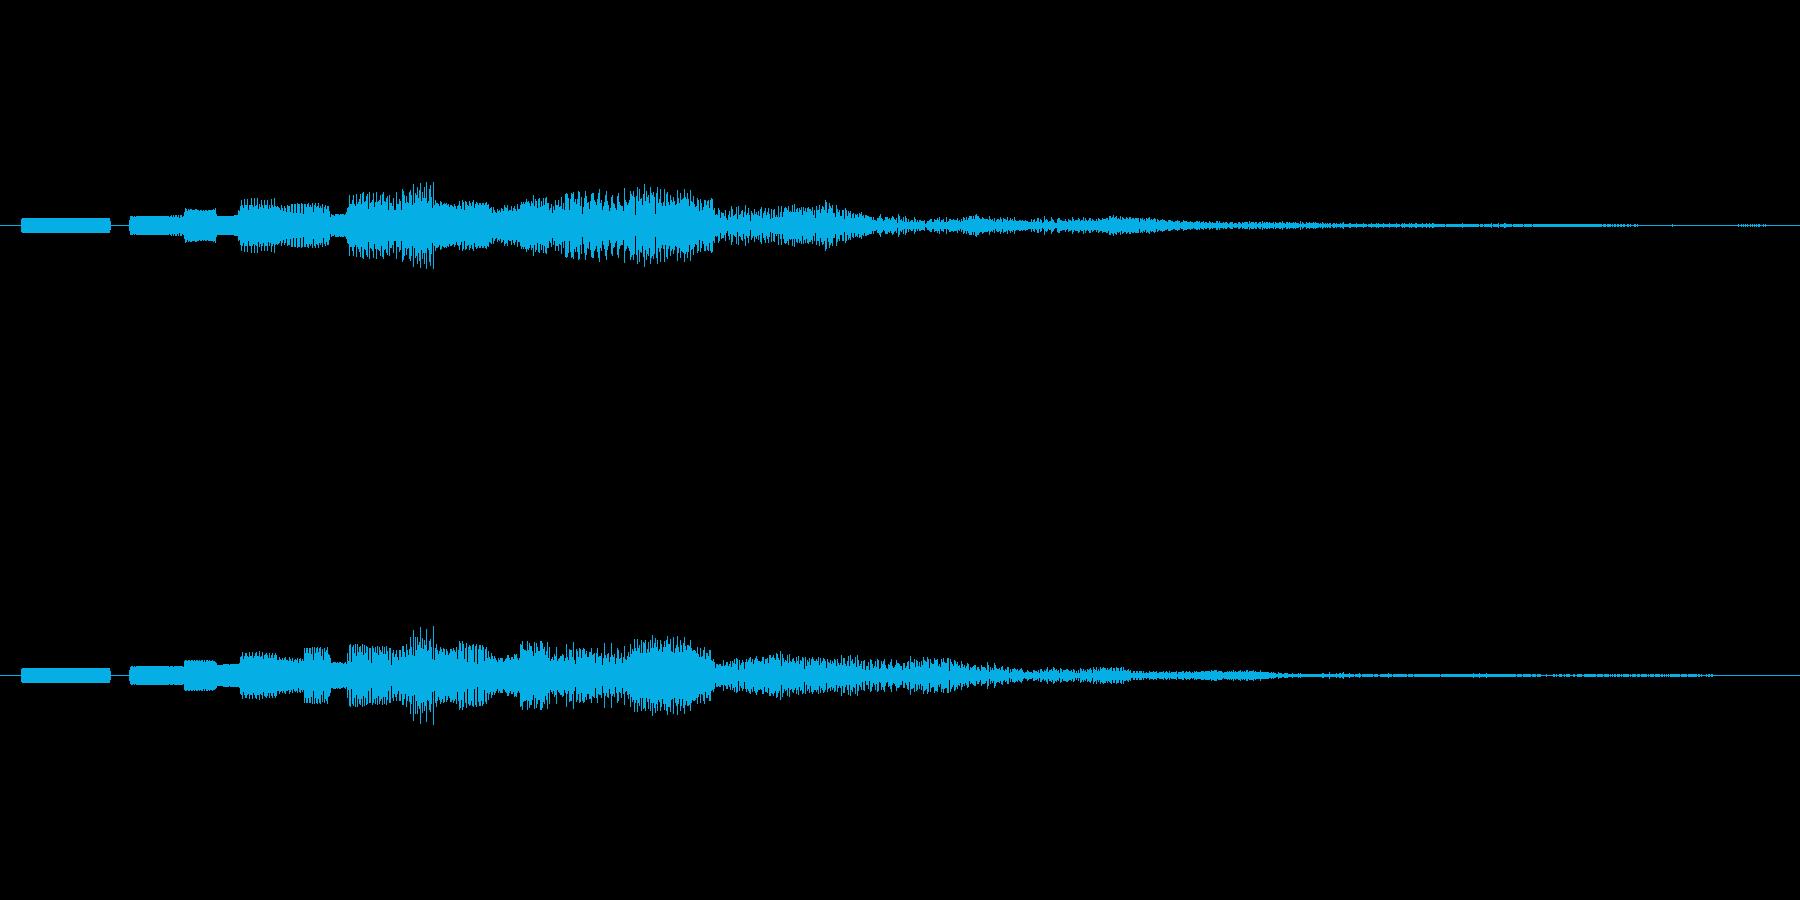 ピロピロピロッ↓(PC終了音、ロボット)の再生済みの波形